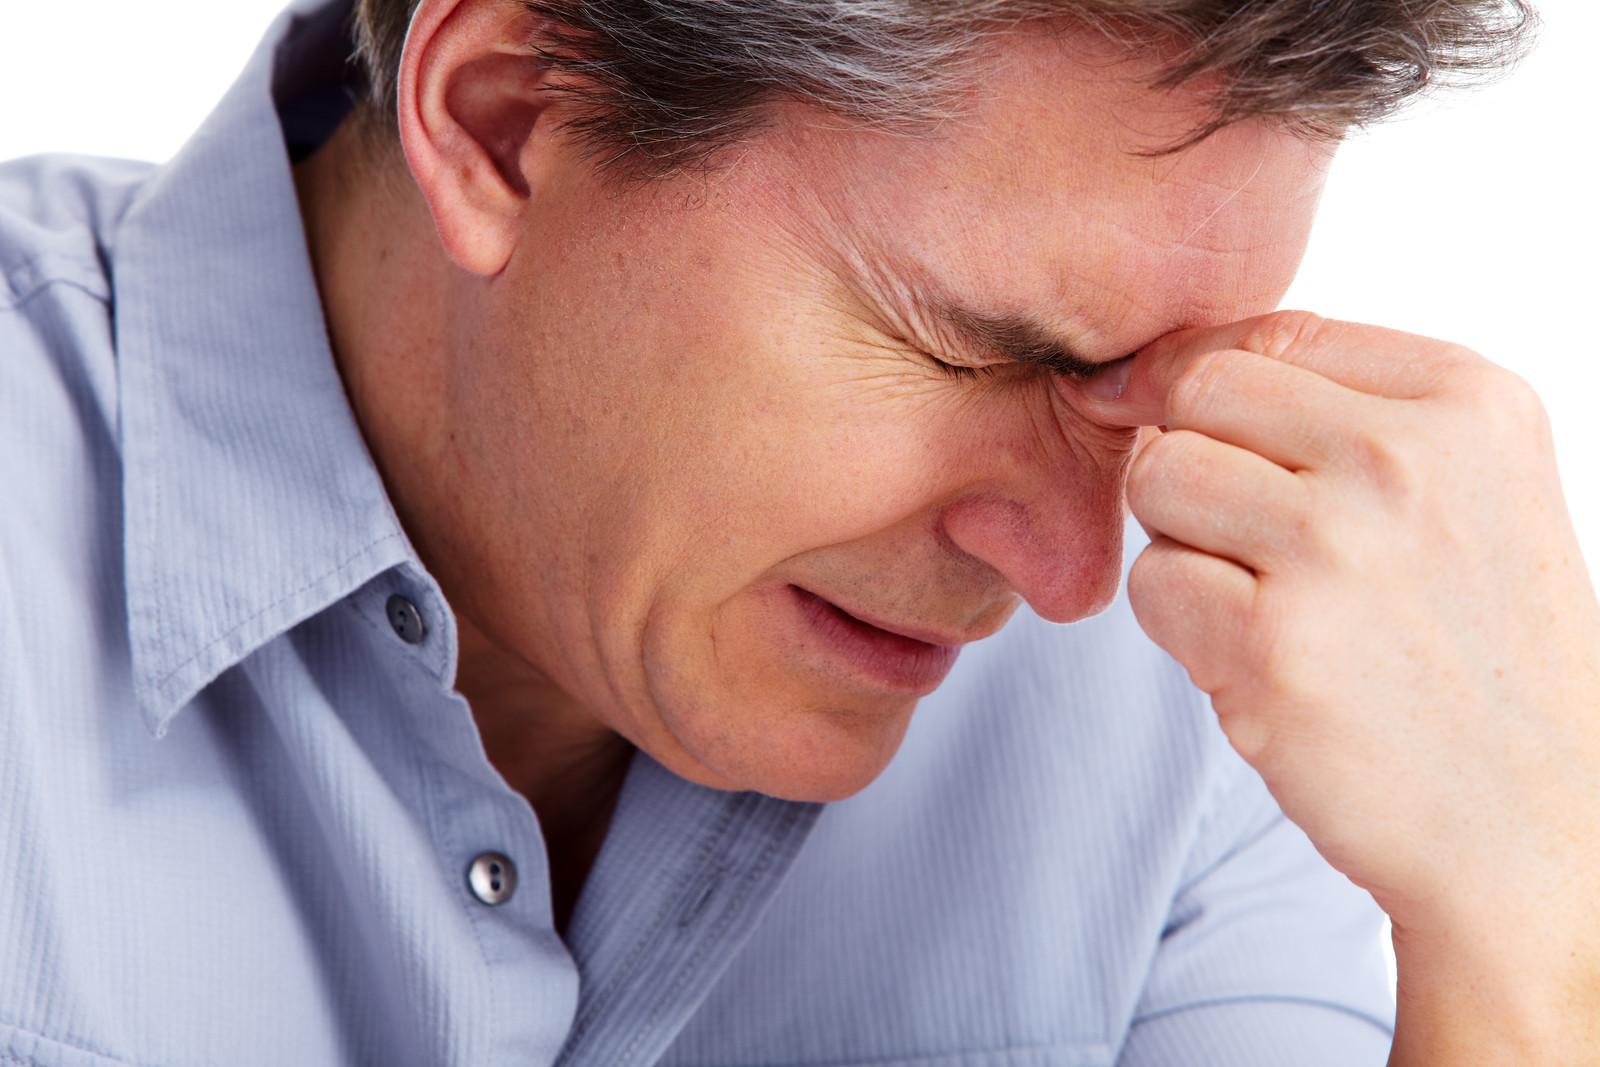 Головная боль отдает в нос и ухо